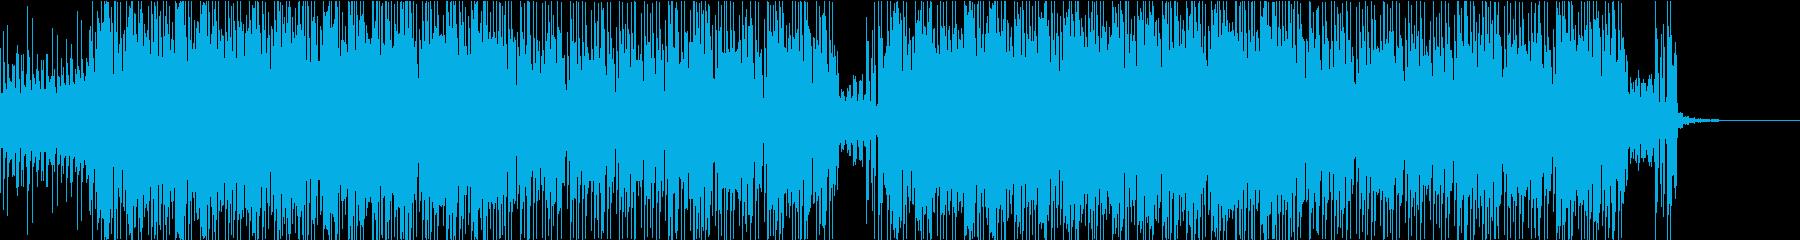 クールで無機質なEDMの再生済みの波形